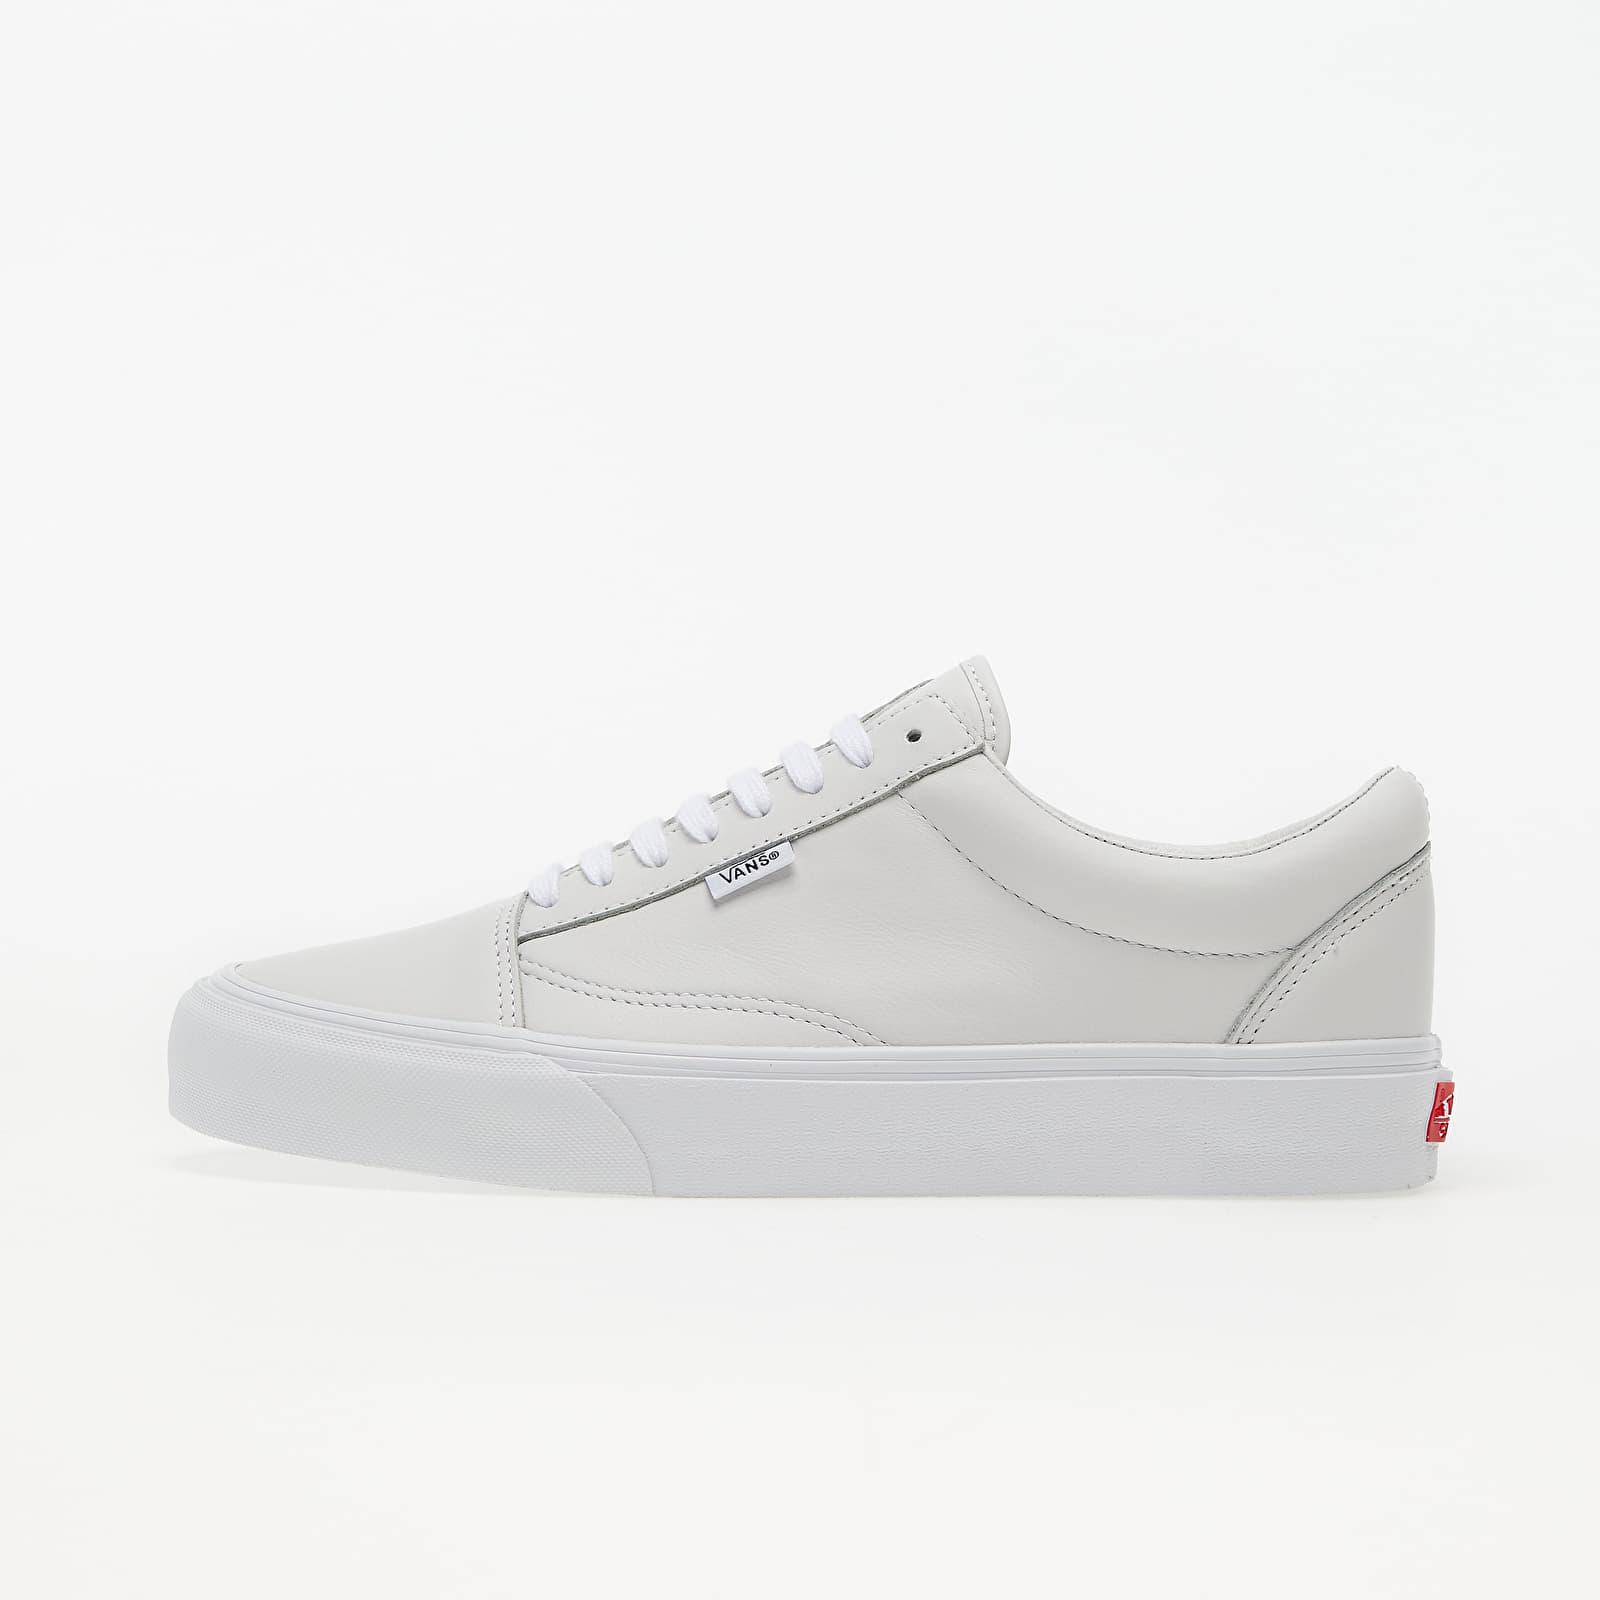 Vans Vault Old Skool NS VLT LX (Leather) True White EUR 40